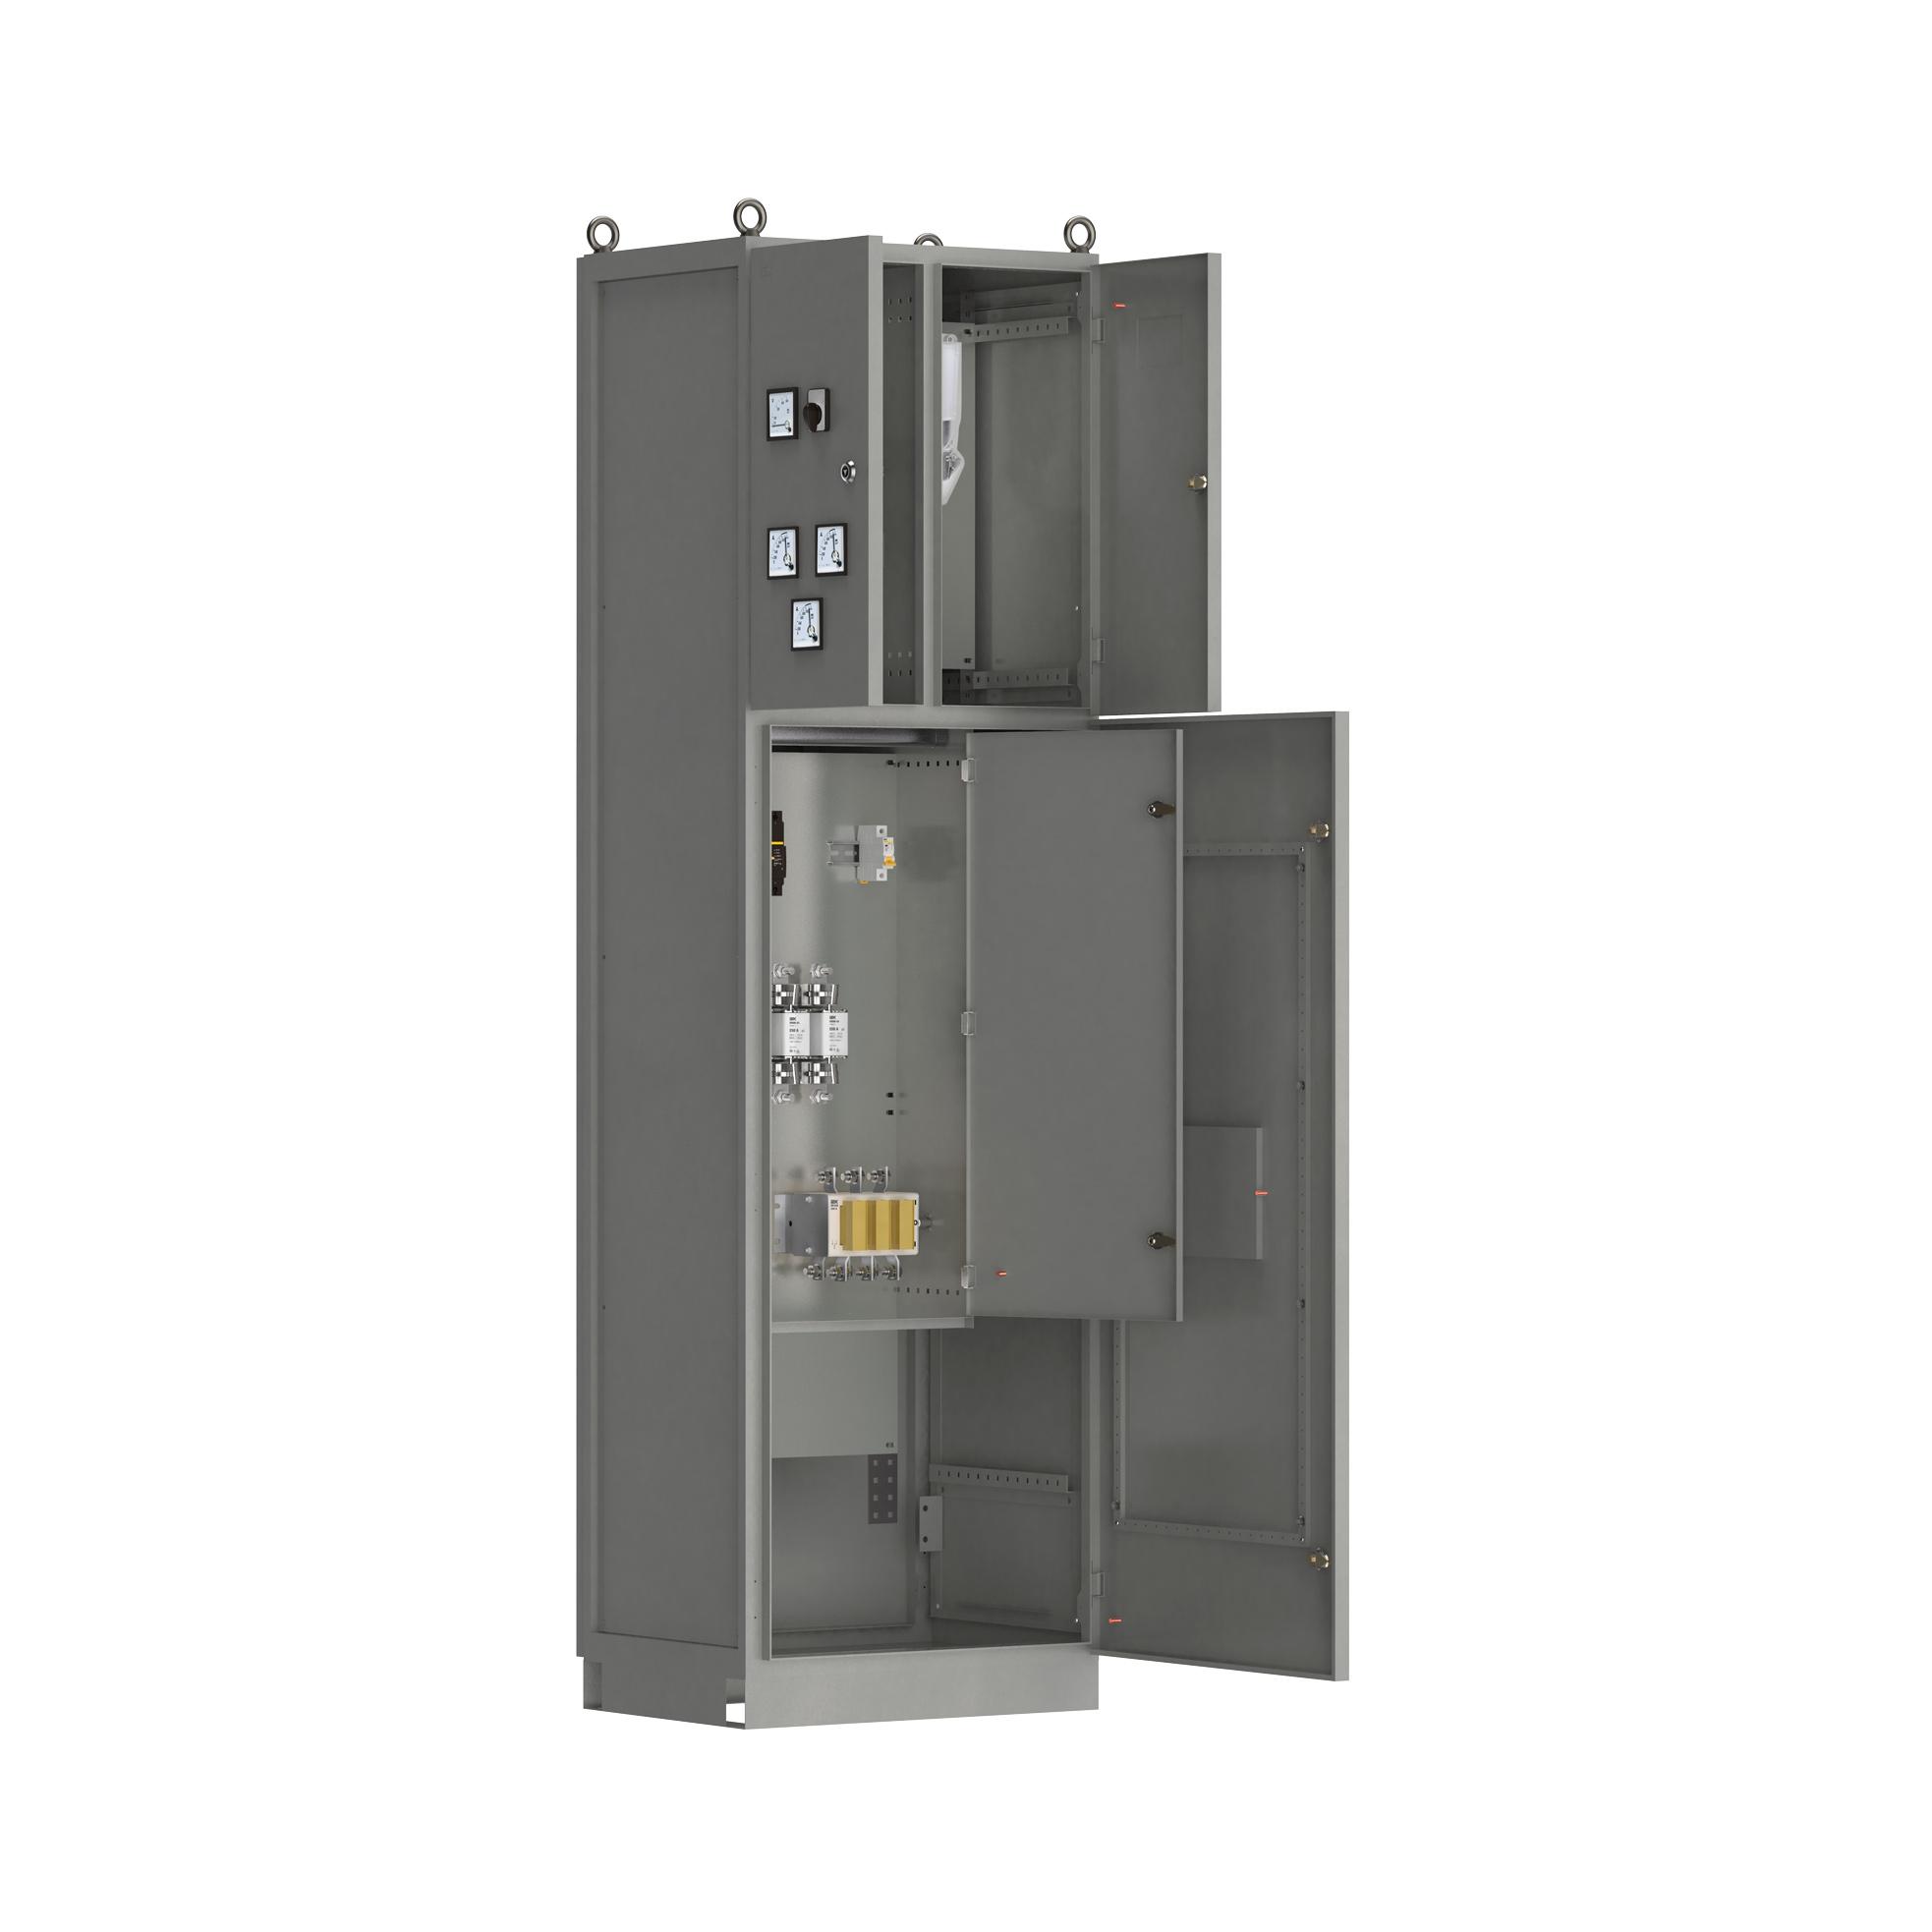 Панель вводная ВРУ-8505 МУ 4ВП-2-63-0-30 рубильник 1х630А выключатели автоматические 3Р 1х160А 1Р 1х6А плавкие вставки 3х630А и учет IEK